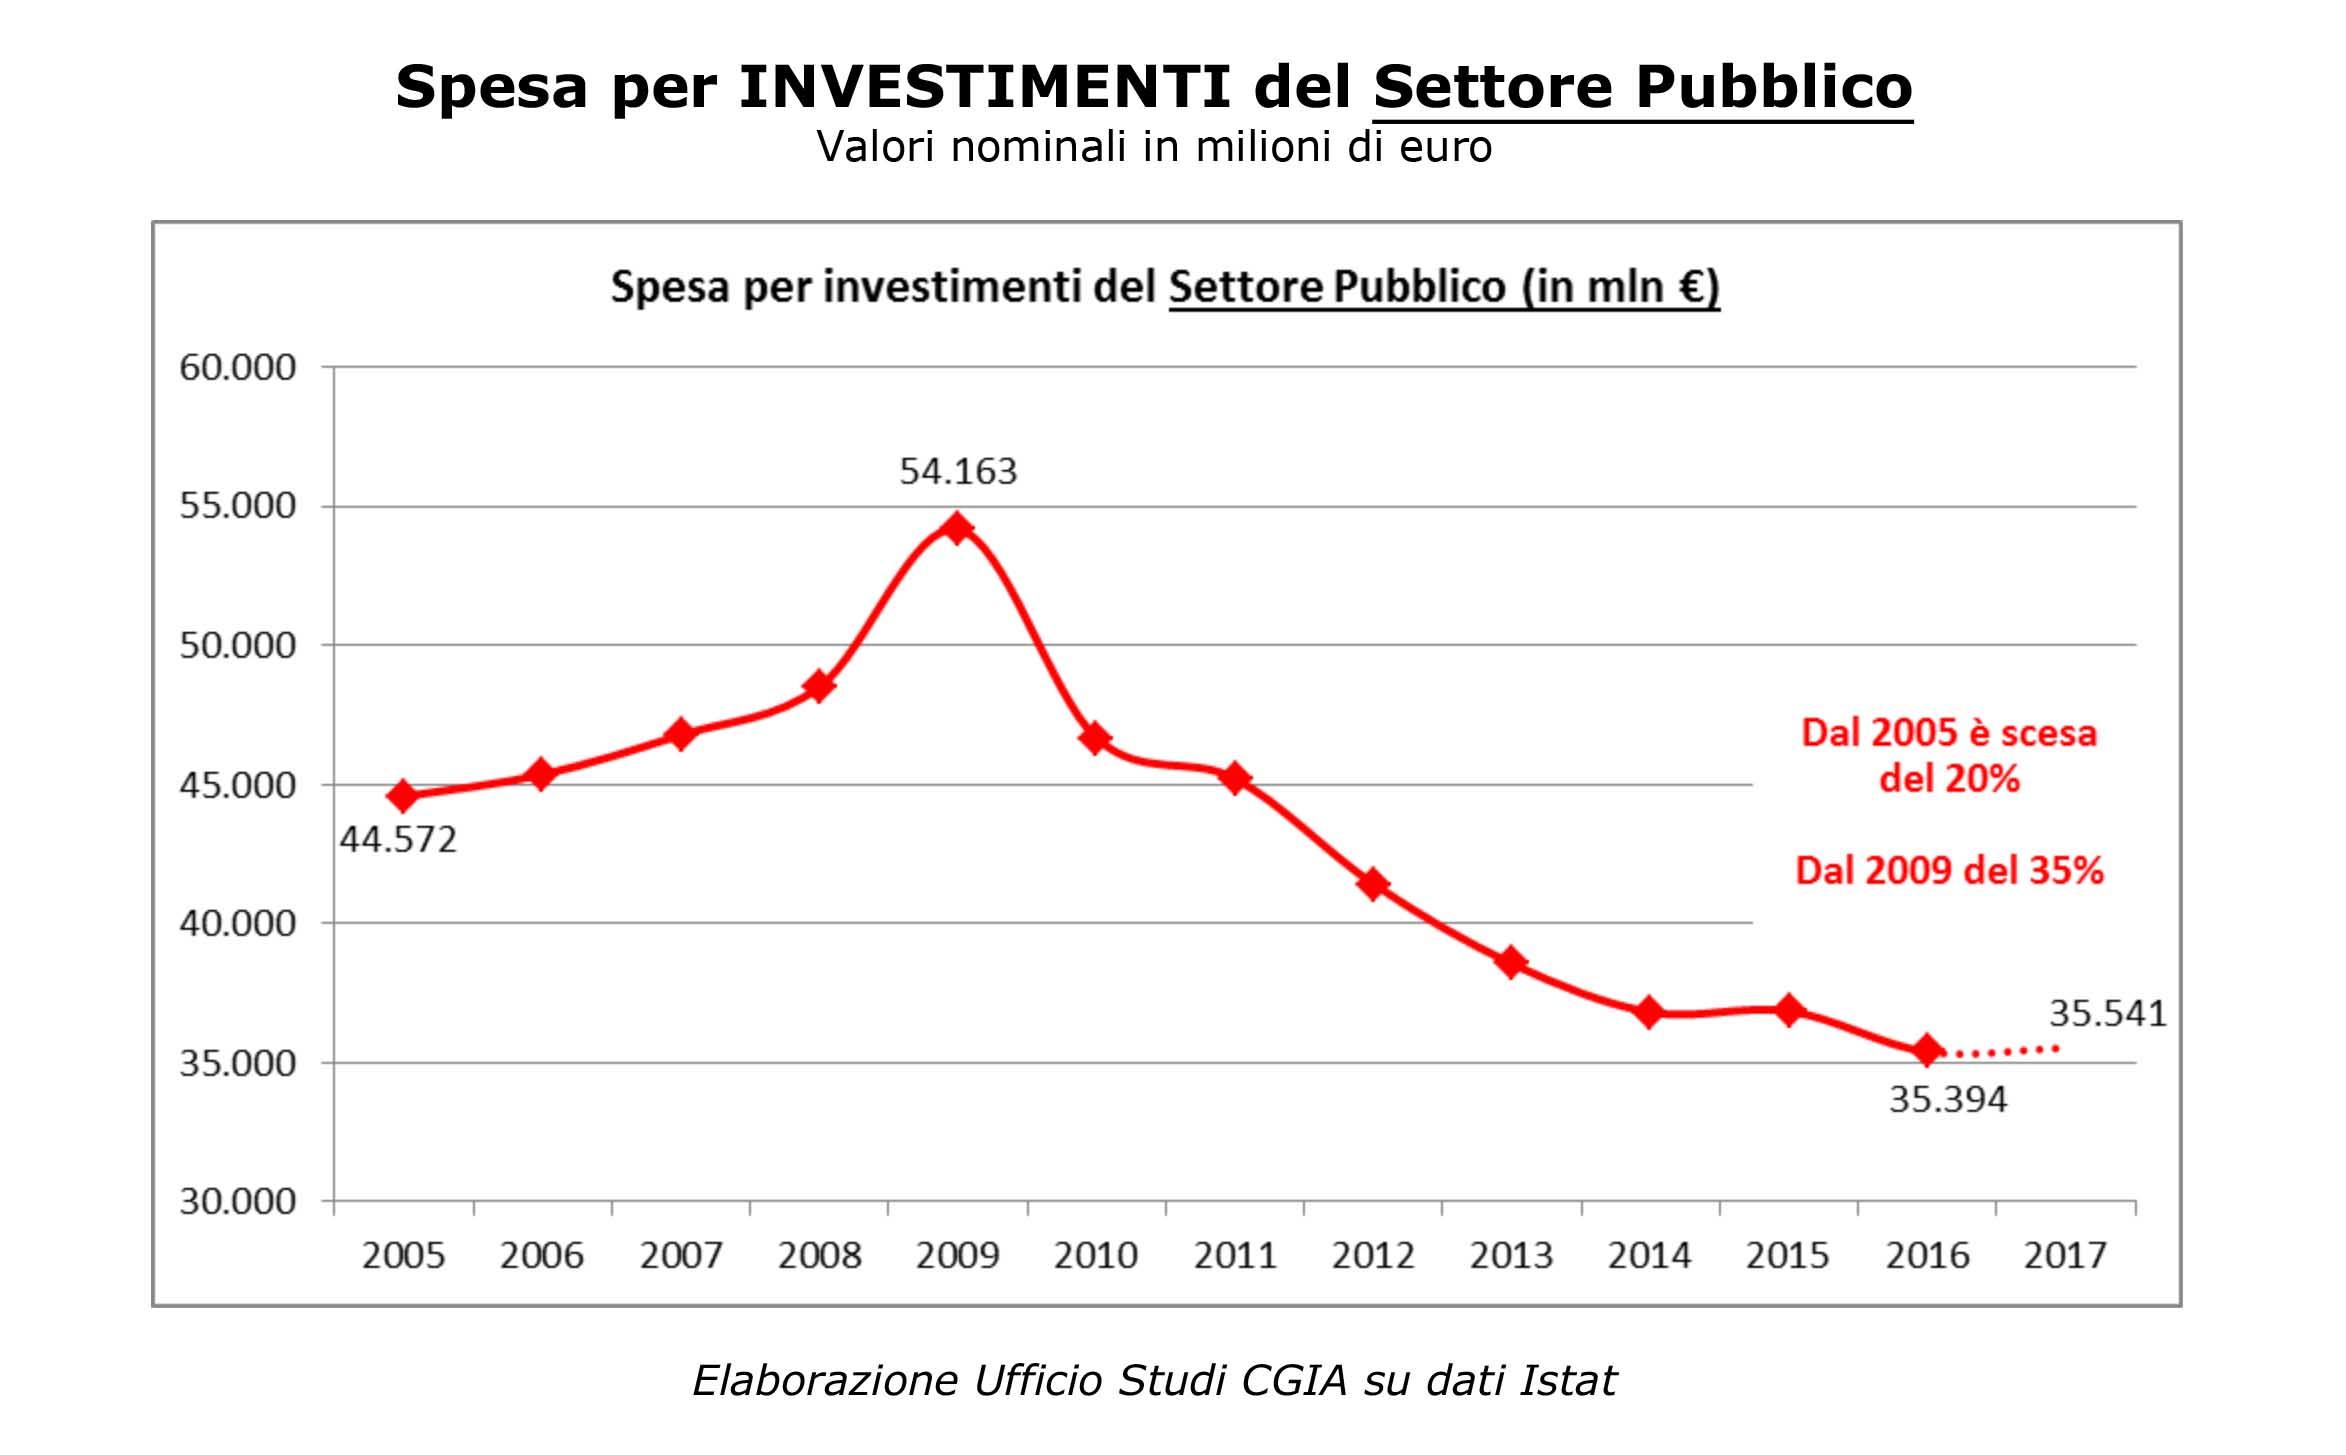 spesa per investimenti settore pubblico